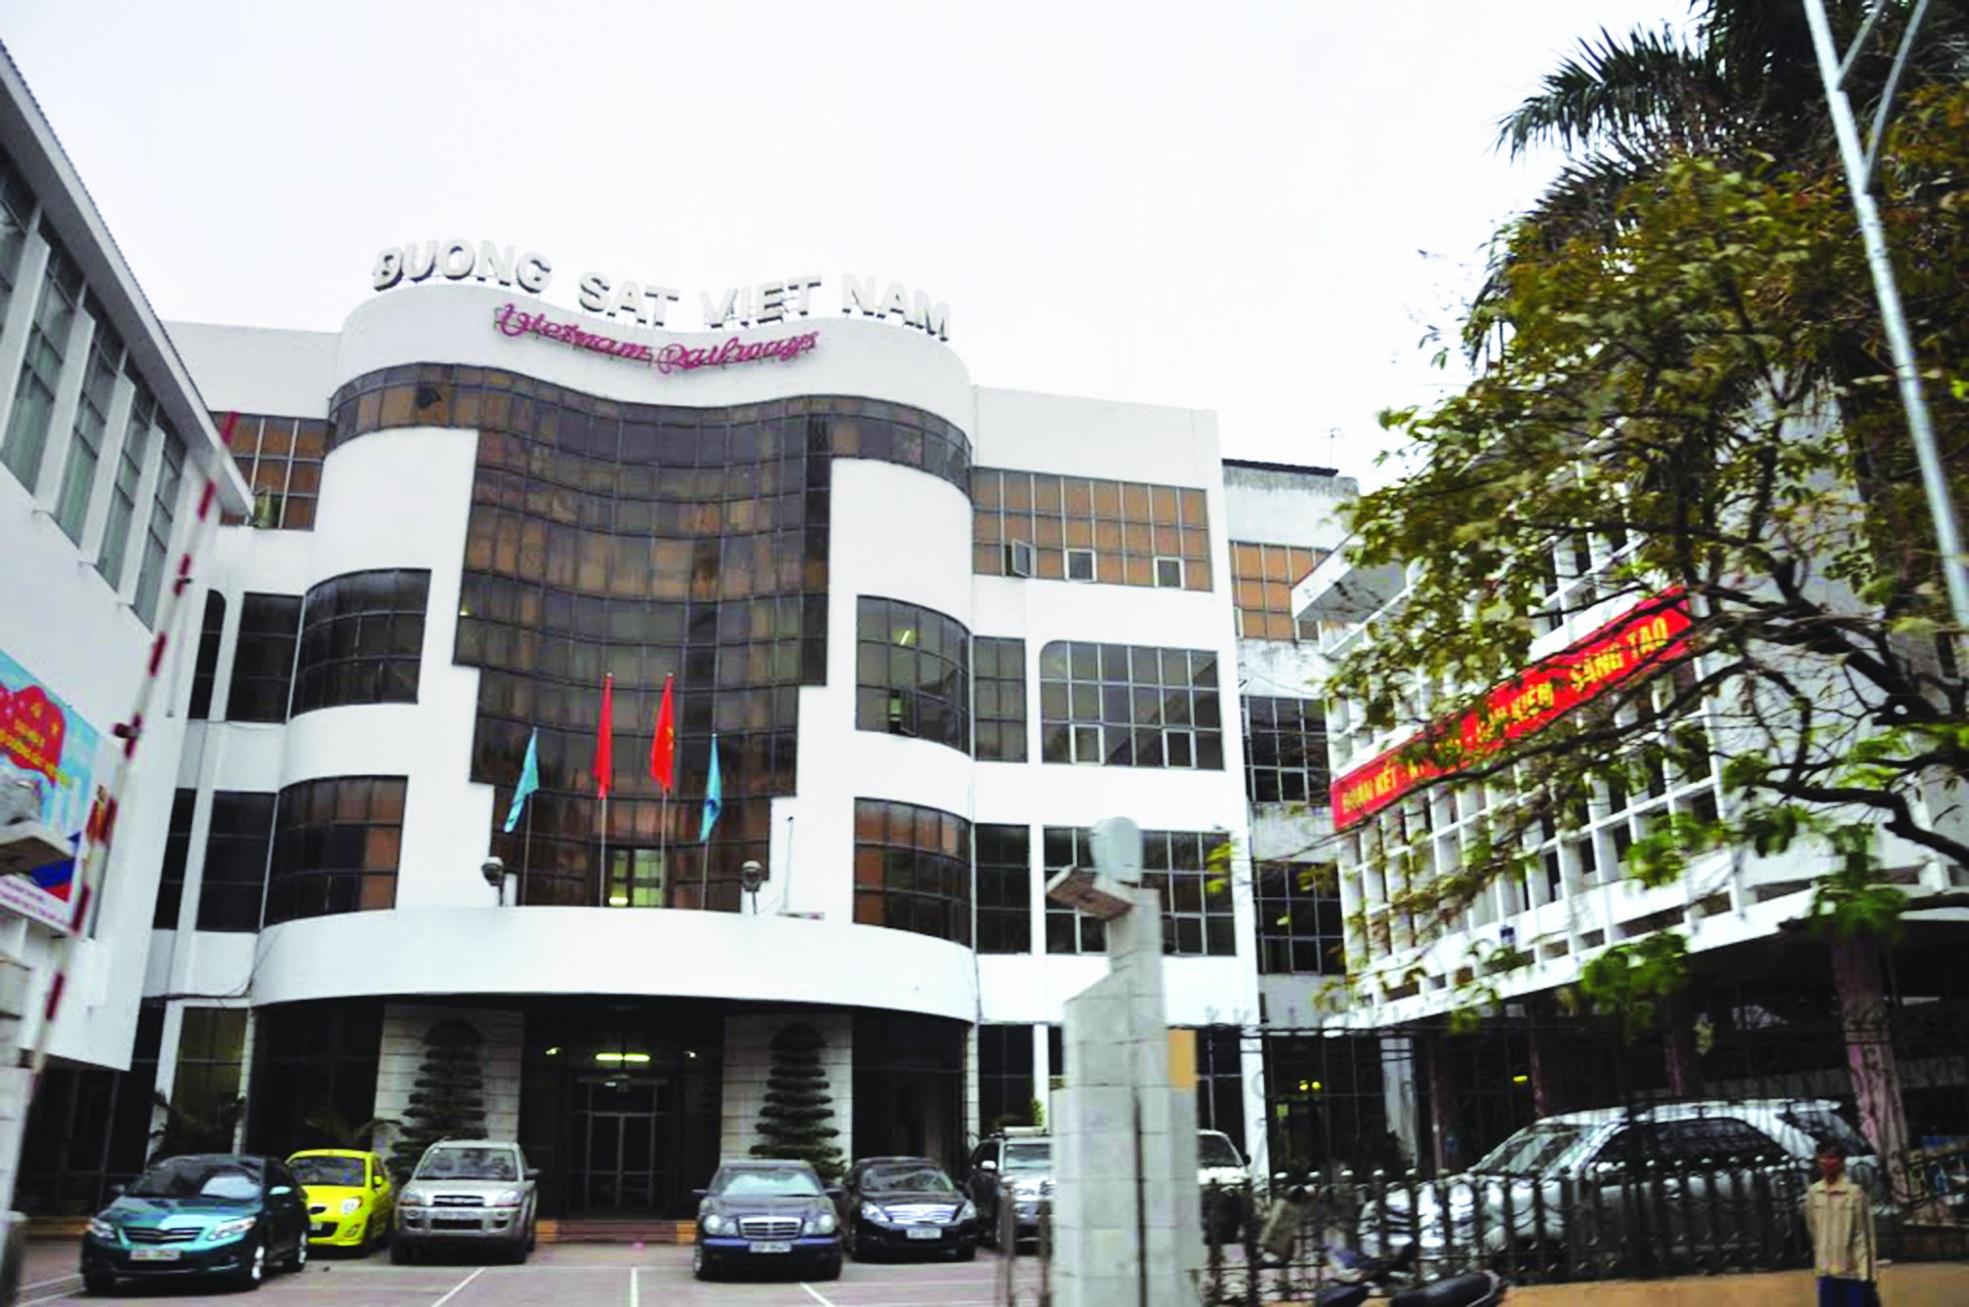 Trụ sở Tổng công ty Đường sắt Việt Nam trên đường Lê Duẩn, Hà Nội.